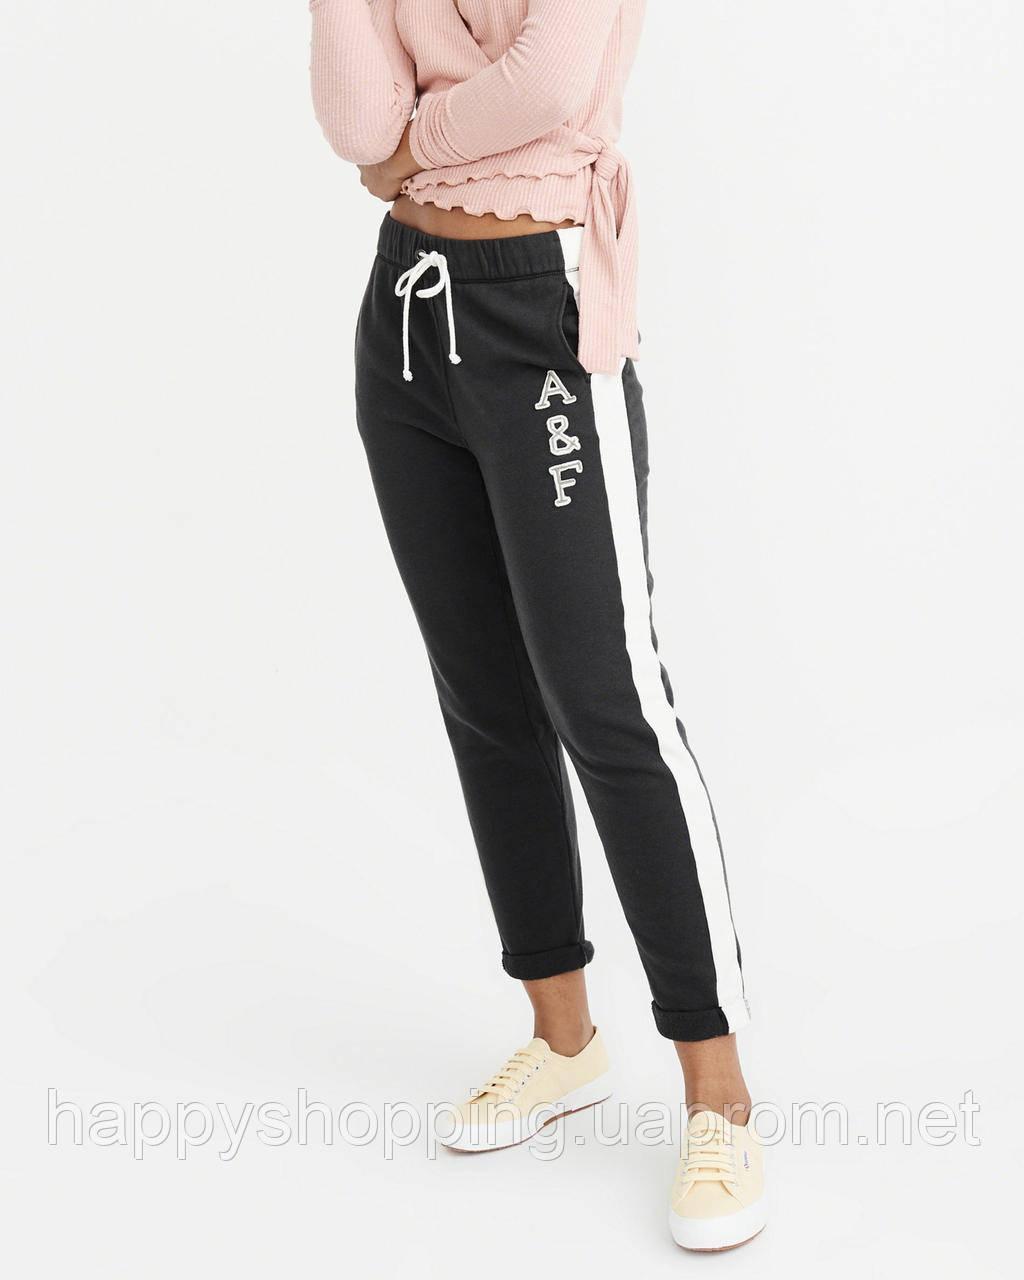 Женские черные спортивные штаны популярного американского бренда Abercrombie & Fitch